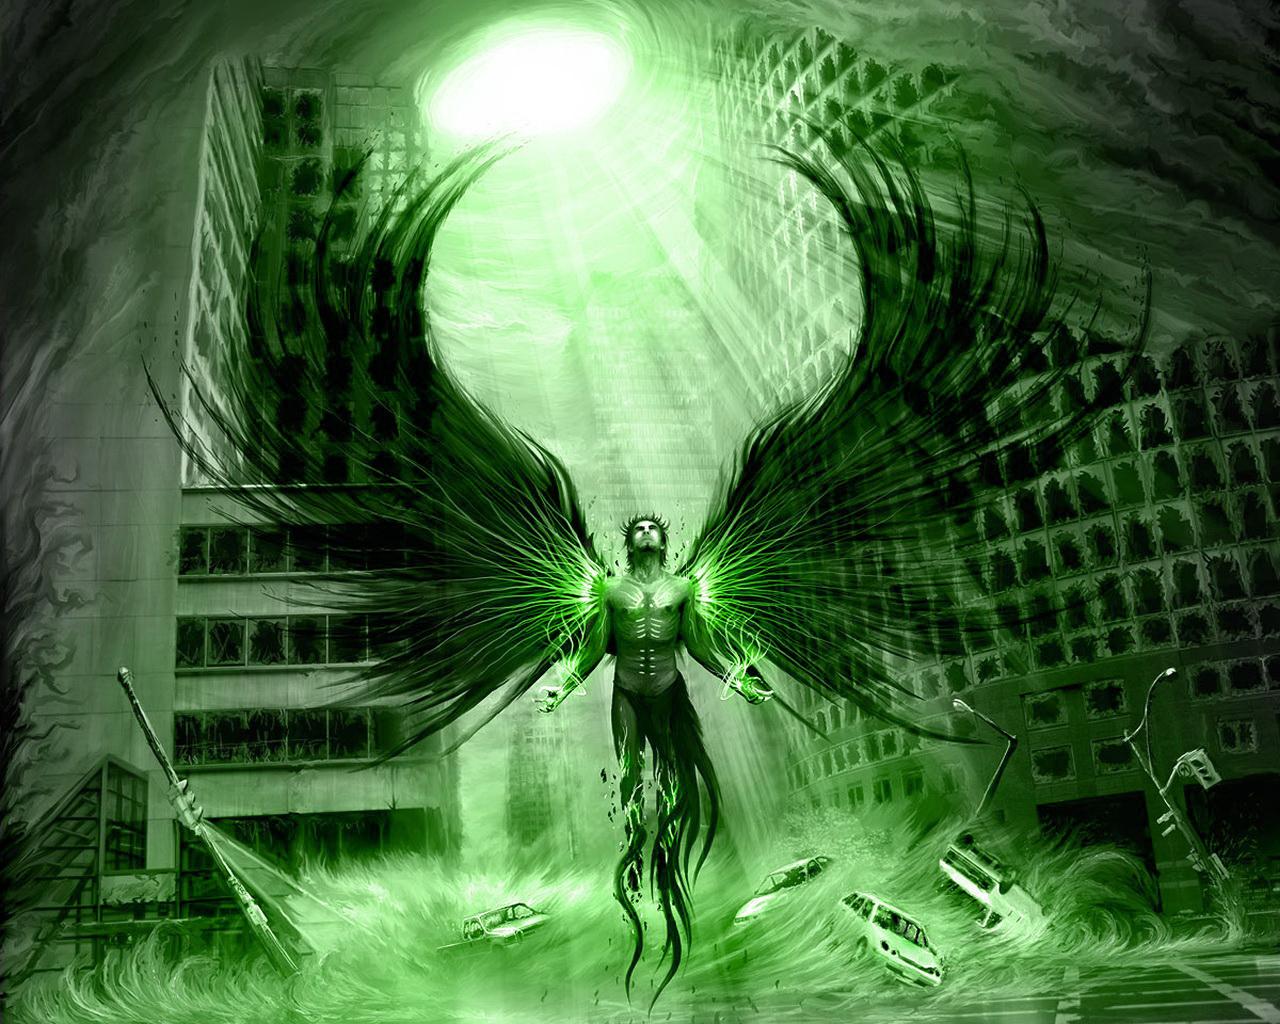 Nosso Intercessor Elemental possui todos os poderes para manipular as 4 Forças Elementais: os gnomos da Terra, as ondinas da Água, os silfos do Ar e as salamandras do Fogo